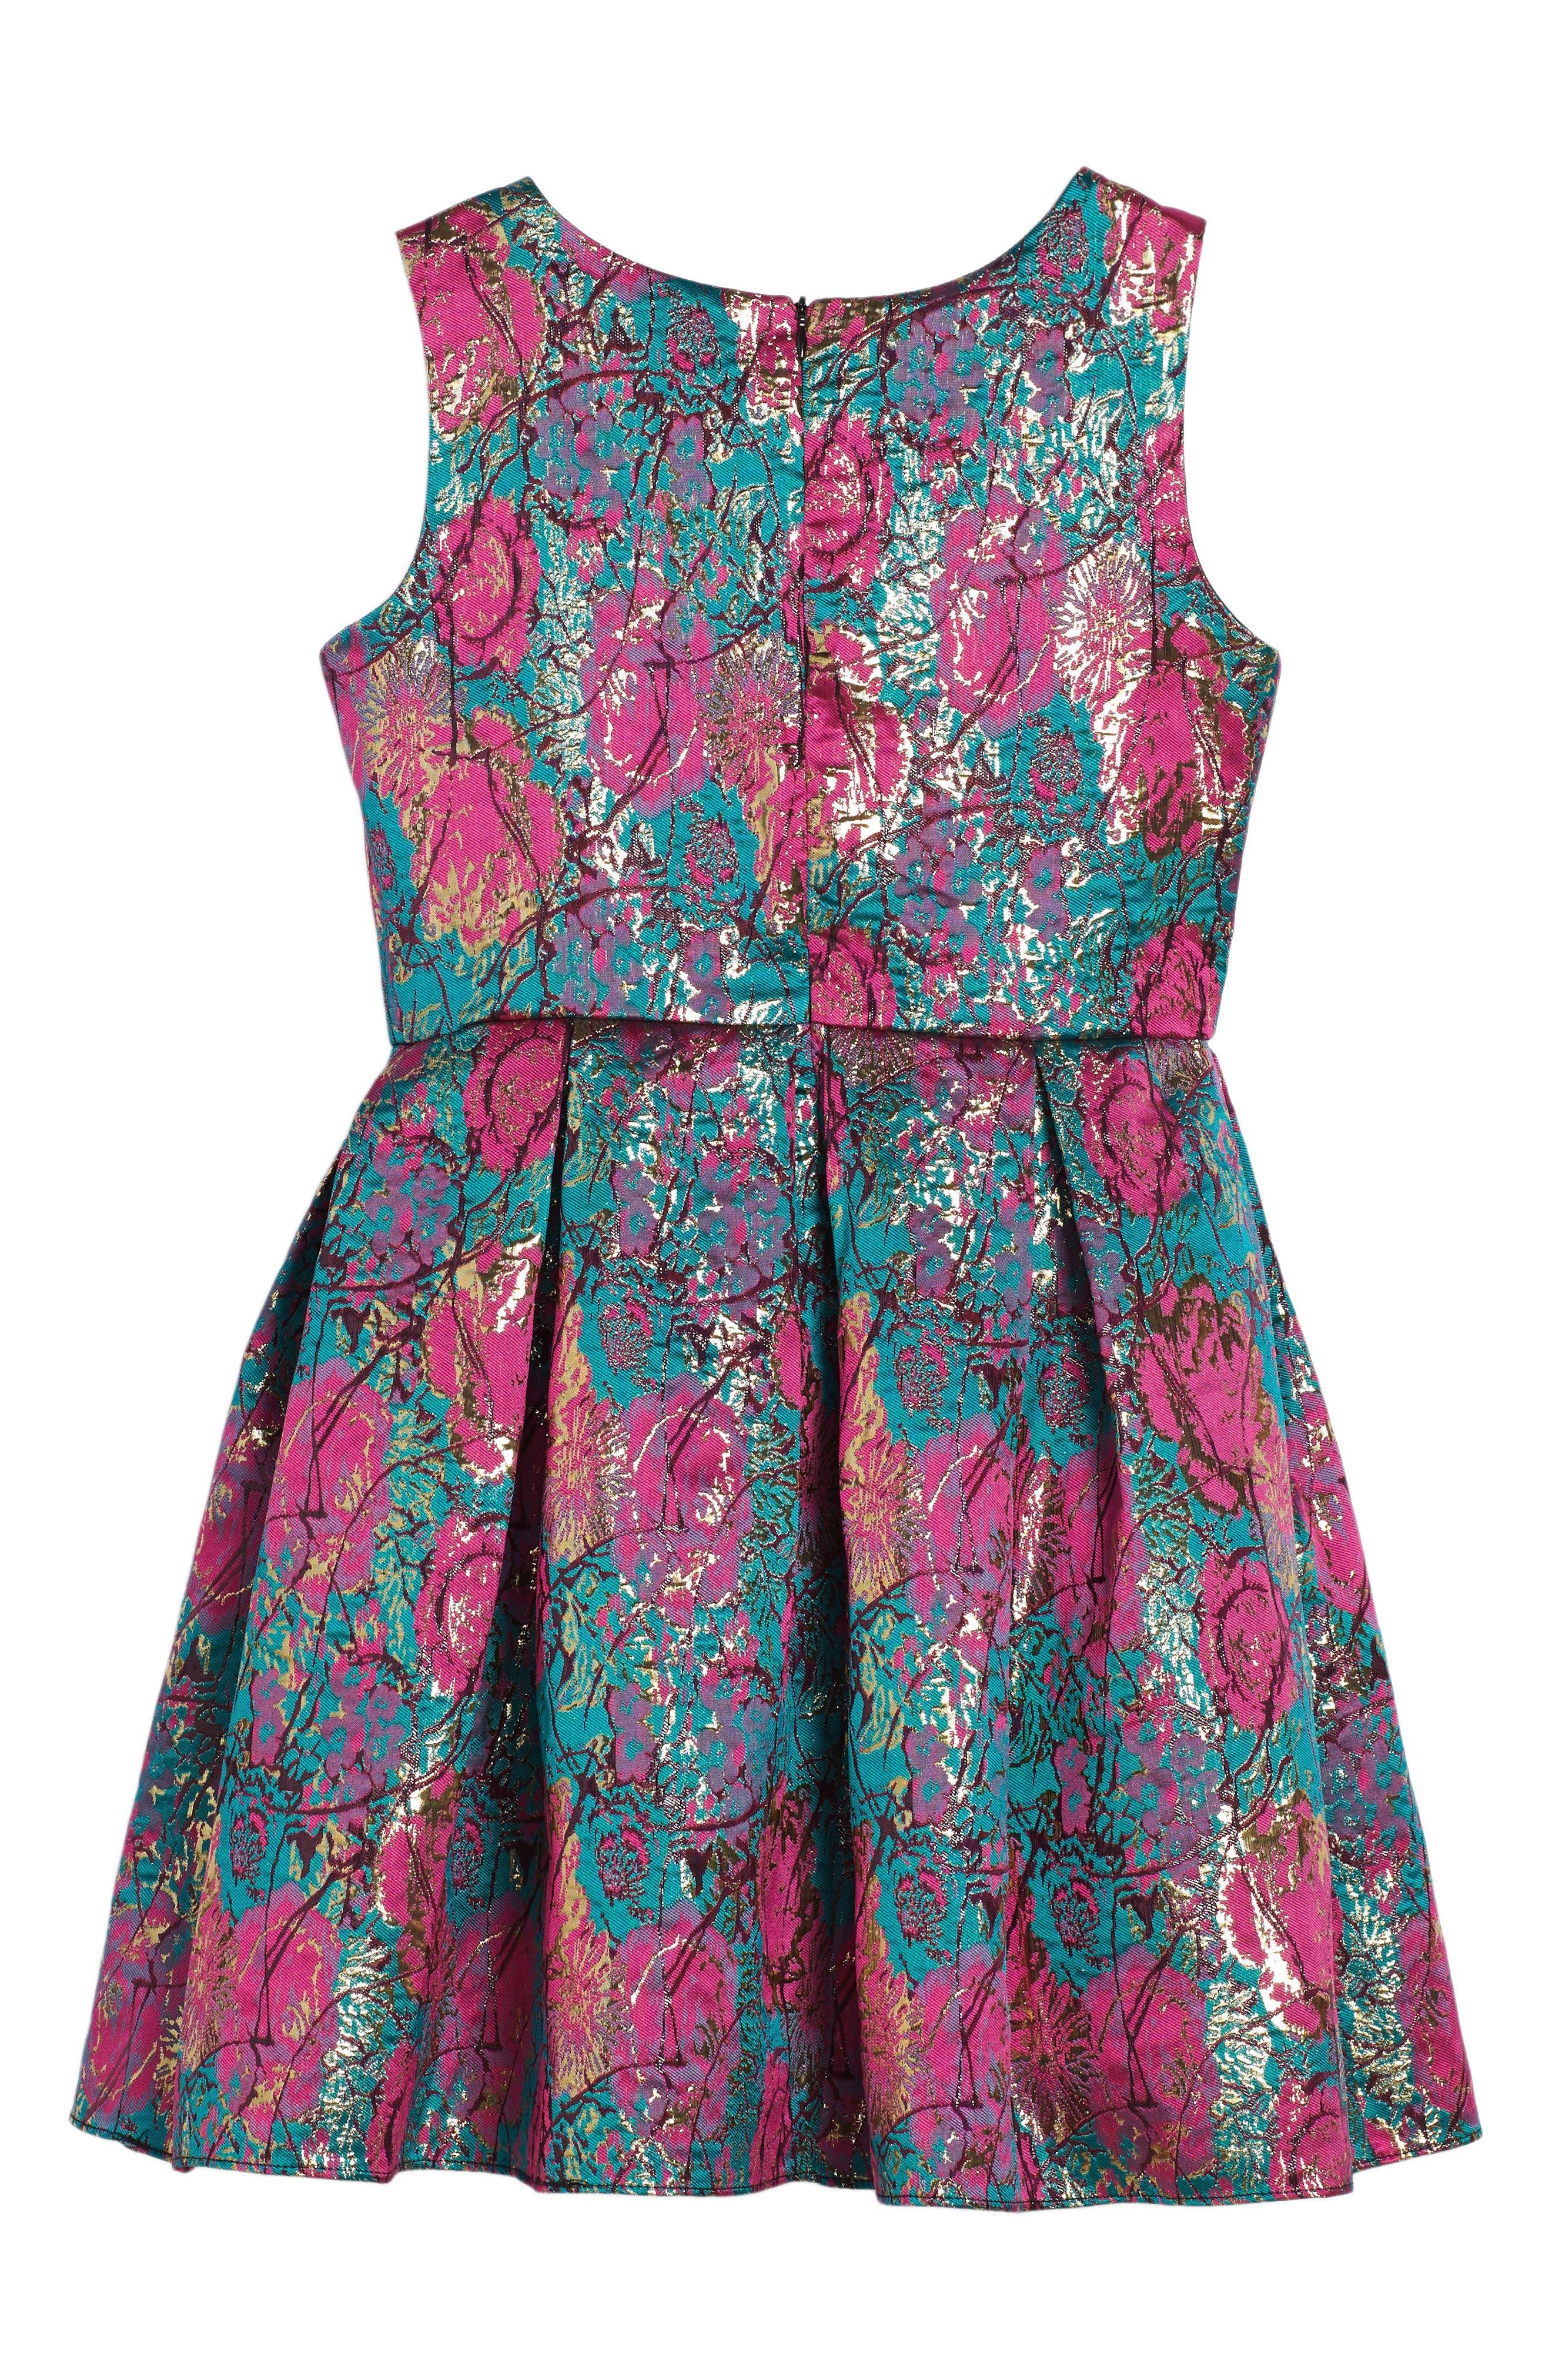 Alternate Image 2  - Frais Floral Brocade Fit & Flare Dress (Big Girls)